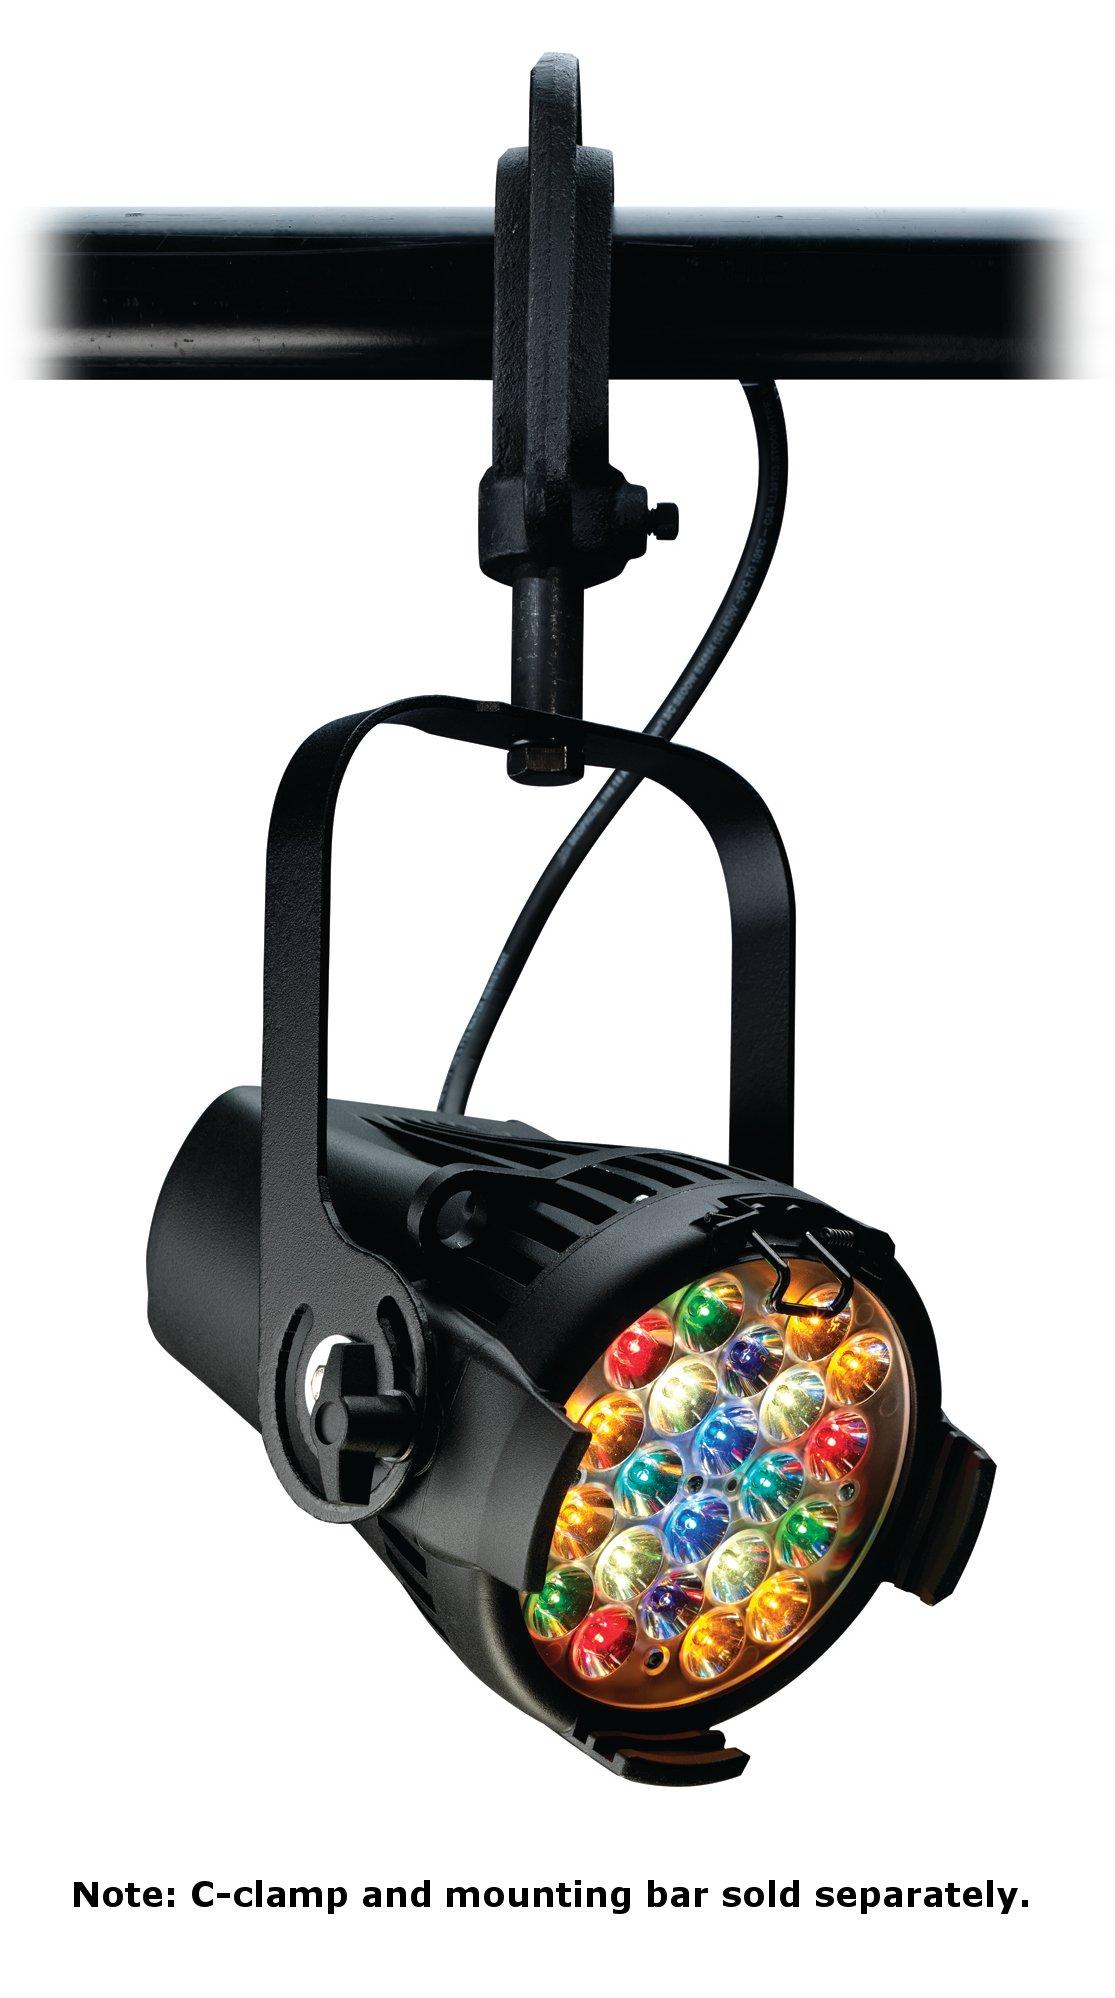 ETC/Elec Theatre Controls Selador Desire D22 Lustr+ Portable Studio LED Wash Fixture SELD22L